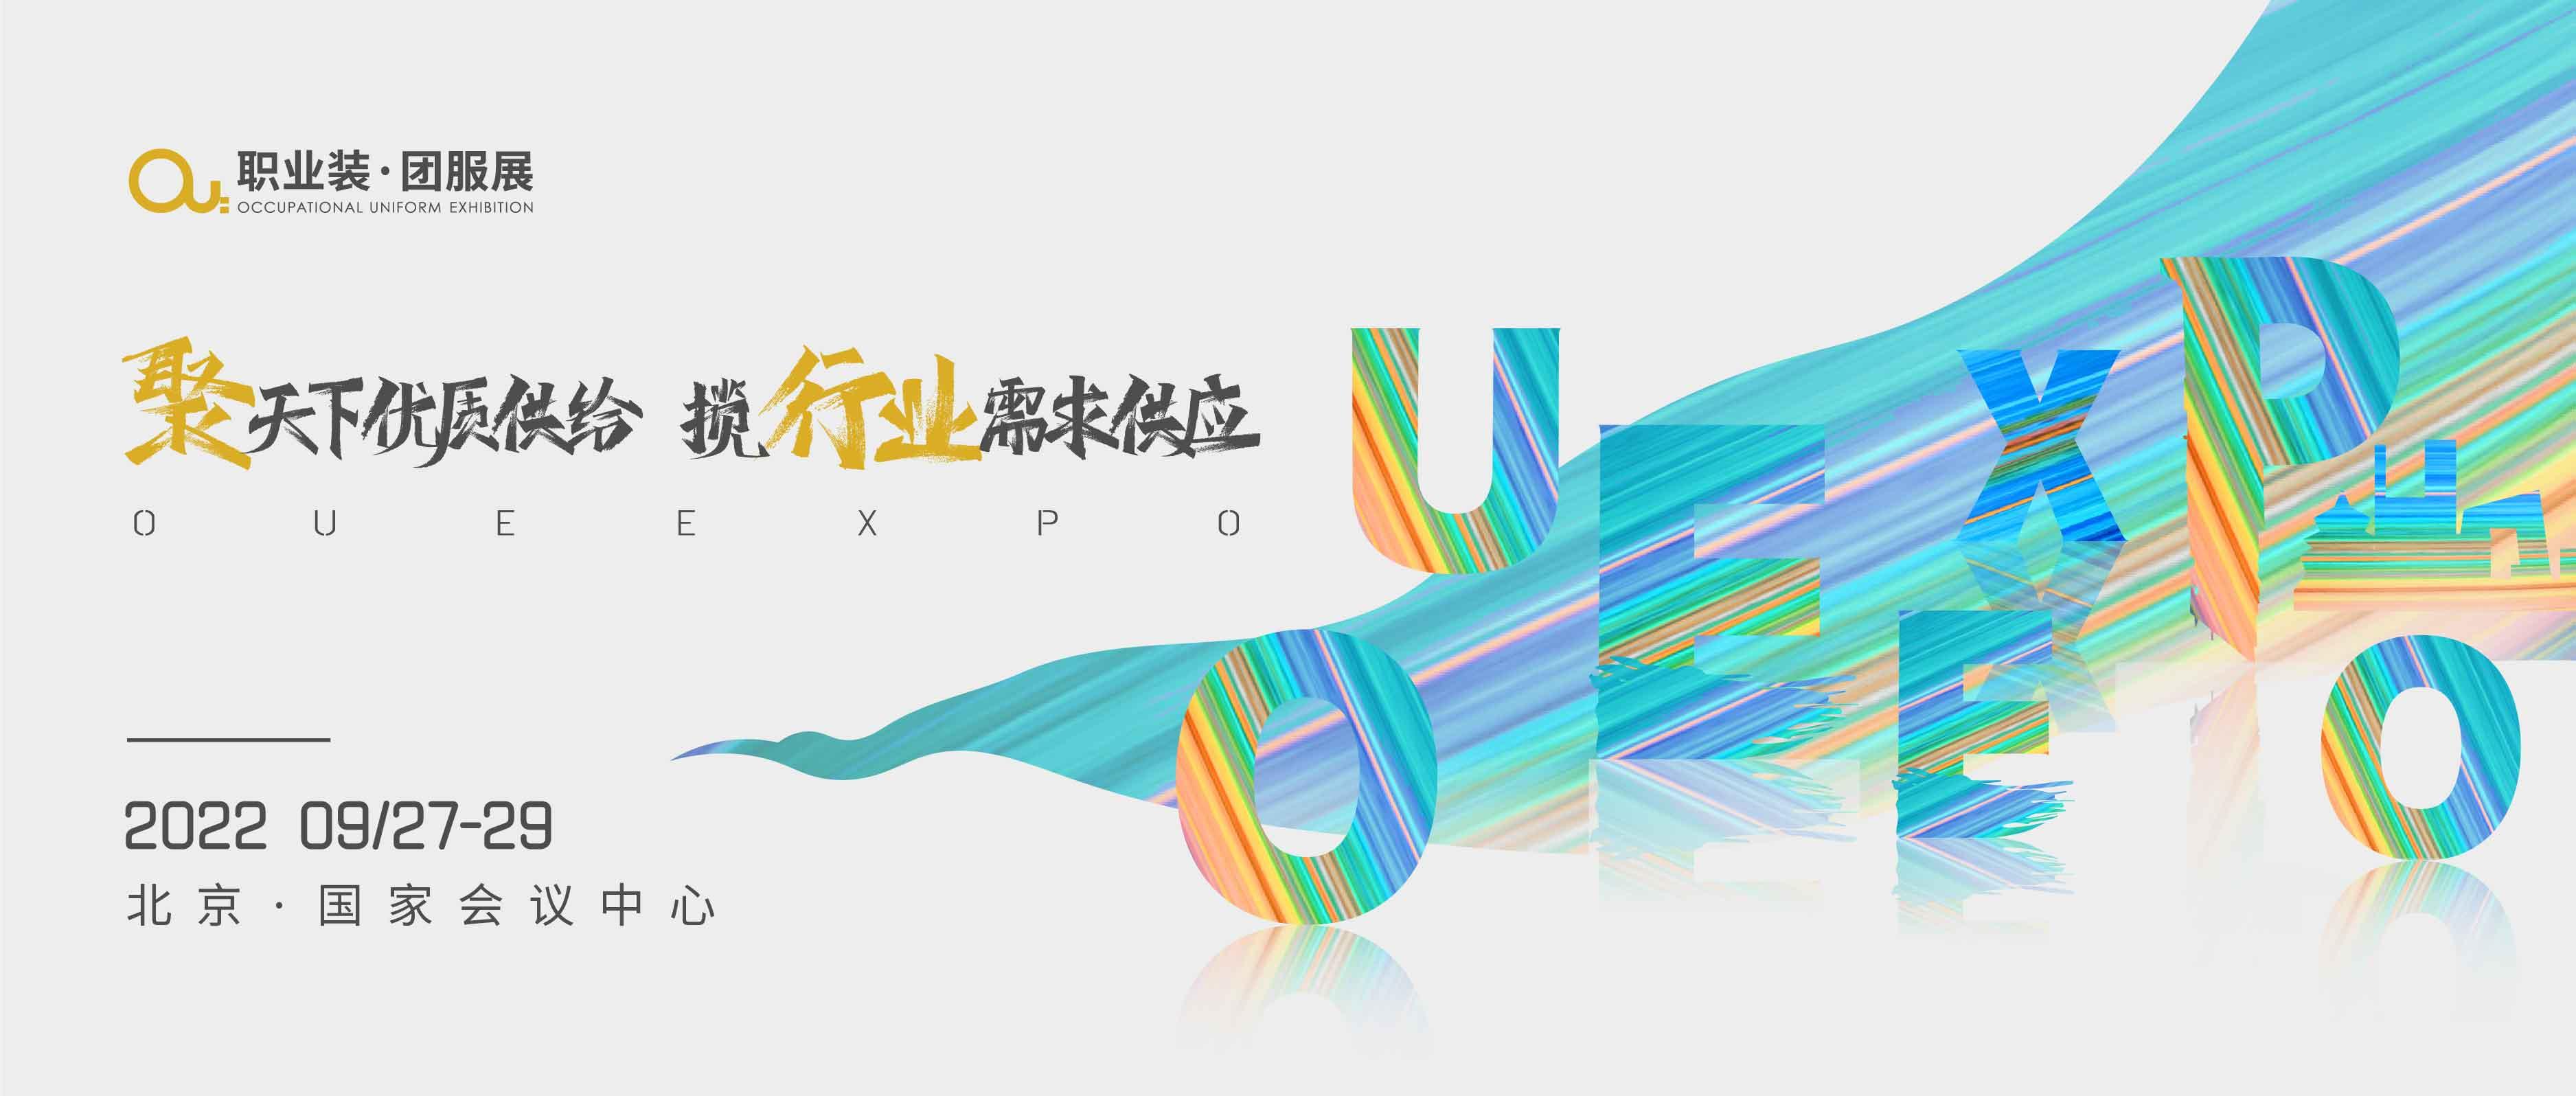 2022 OUE职业装·团服展(北京)正式启动!